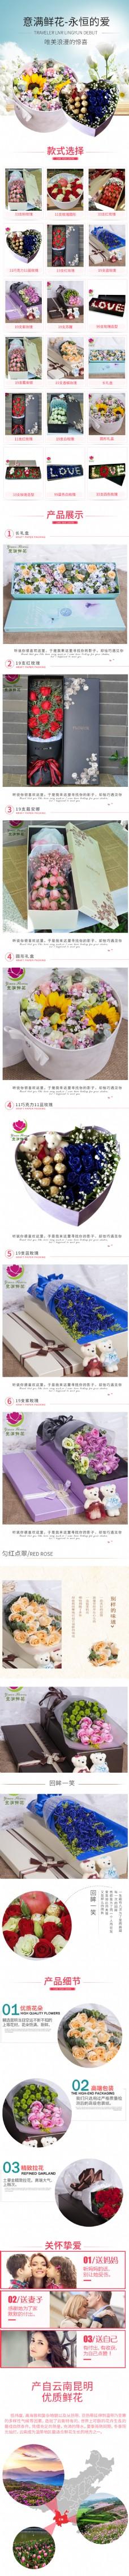 鲜花淘宝电商花朵详情页